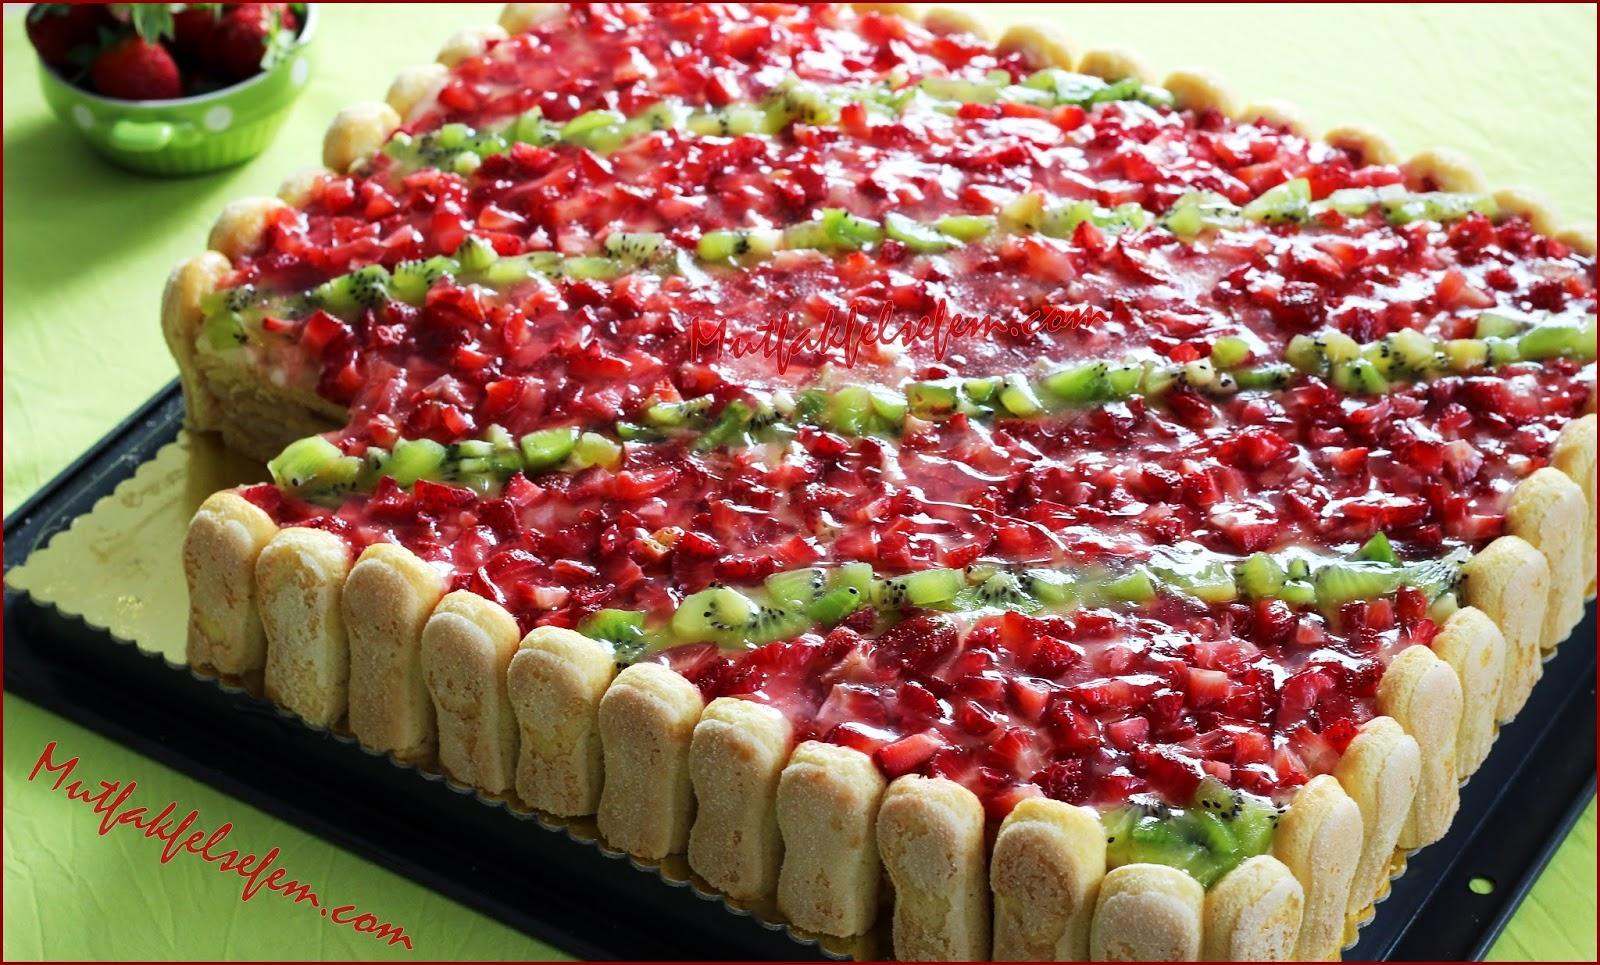 Ev yapımı meyveli yaş pasta tarifi